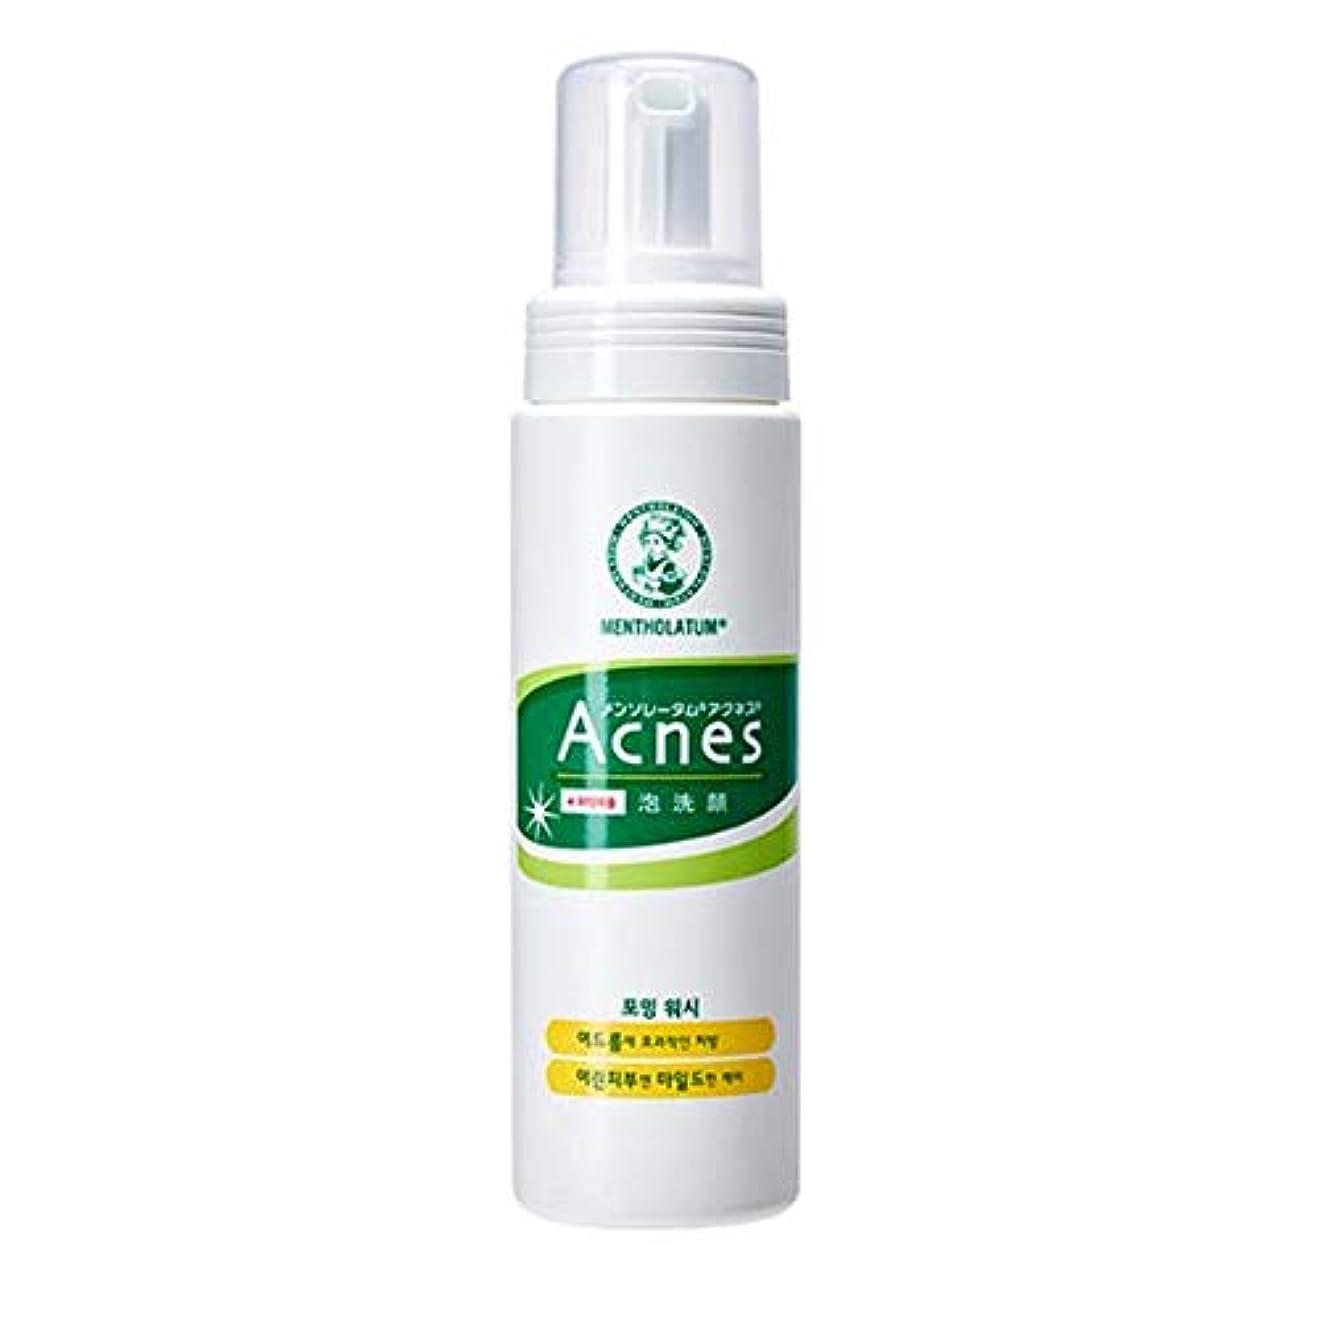 にやにや立ち向かうモスク[Acnes] アクネス フォーミング ウォッシュ Foaming Wash メイク落とし - Acne Break Face Cleanser, Balance Oil Control Foaming Cleansing with Palmitic Acid for Oily and Sensitive Skin Korean Skincare #Dab1158